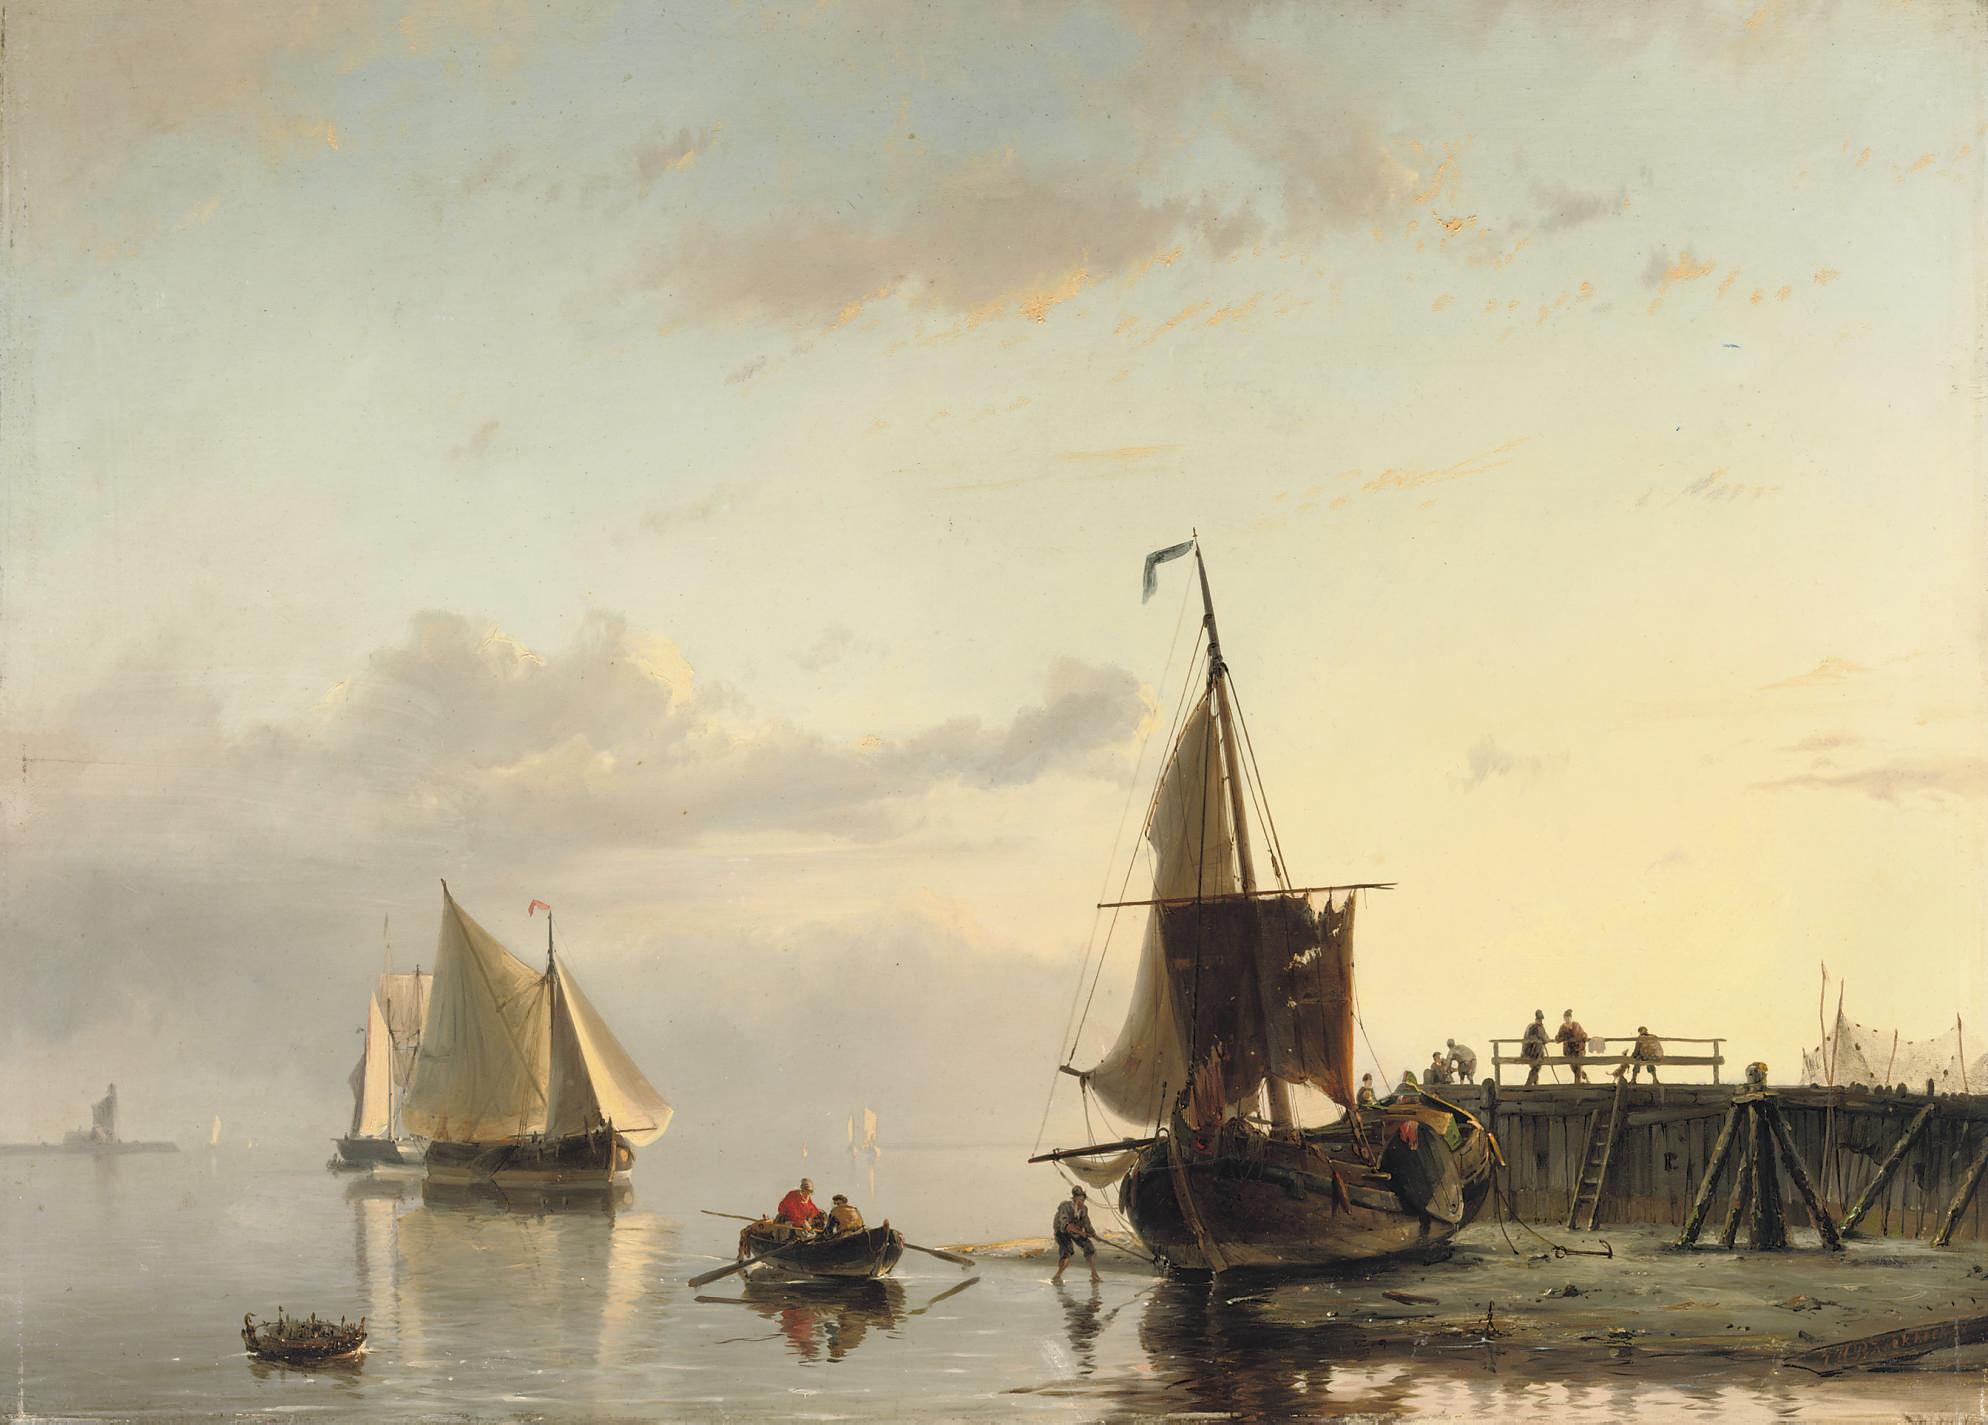 Johannnes Hermanus Barend Koek